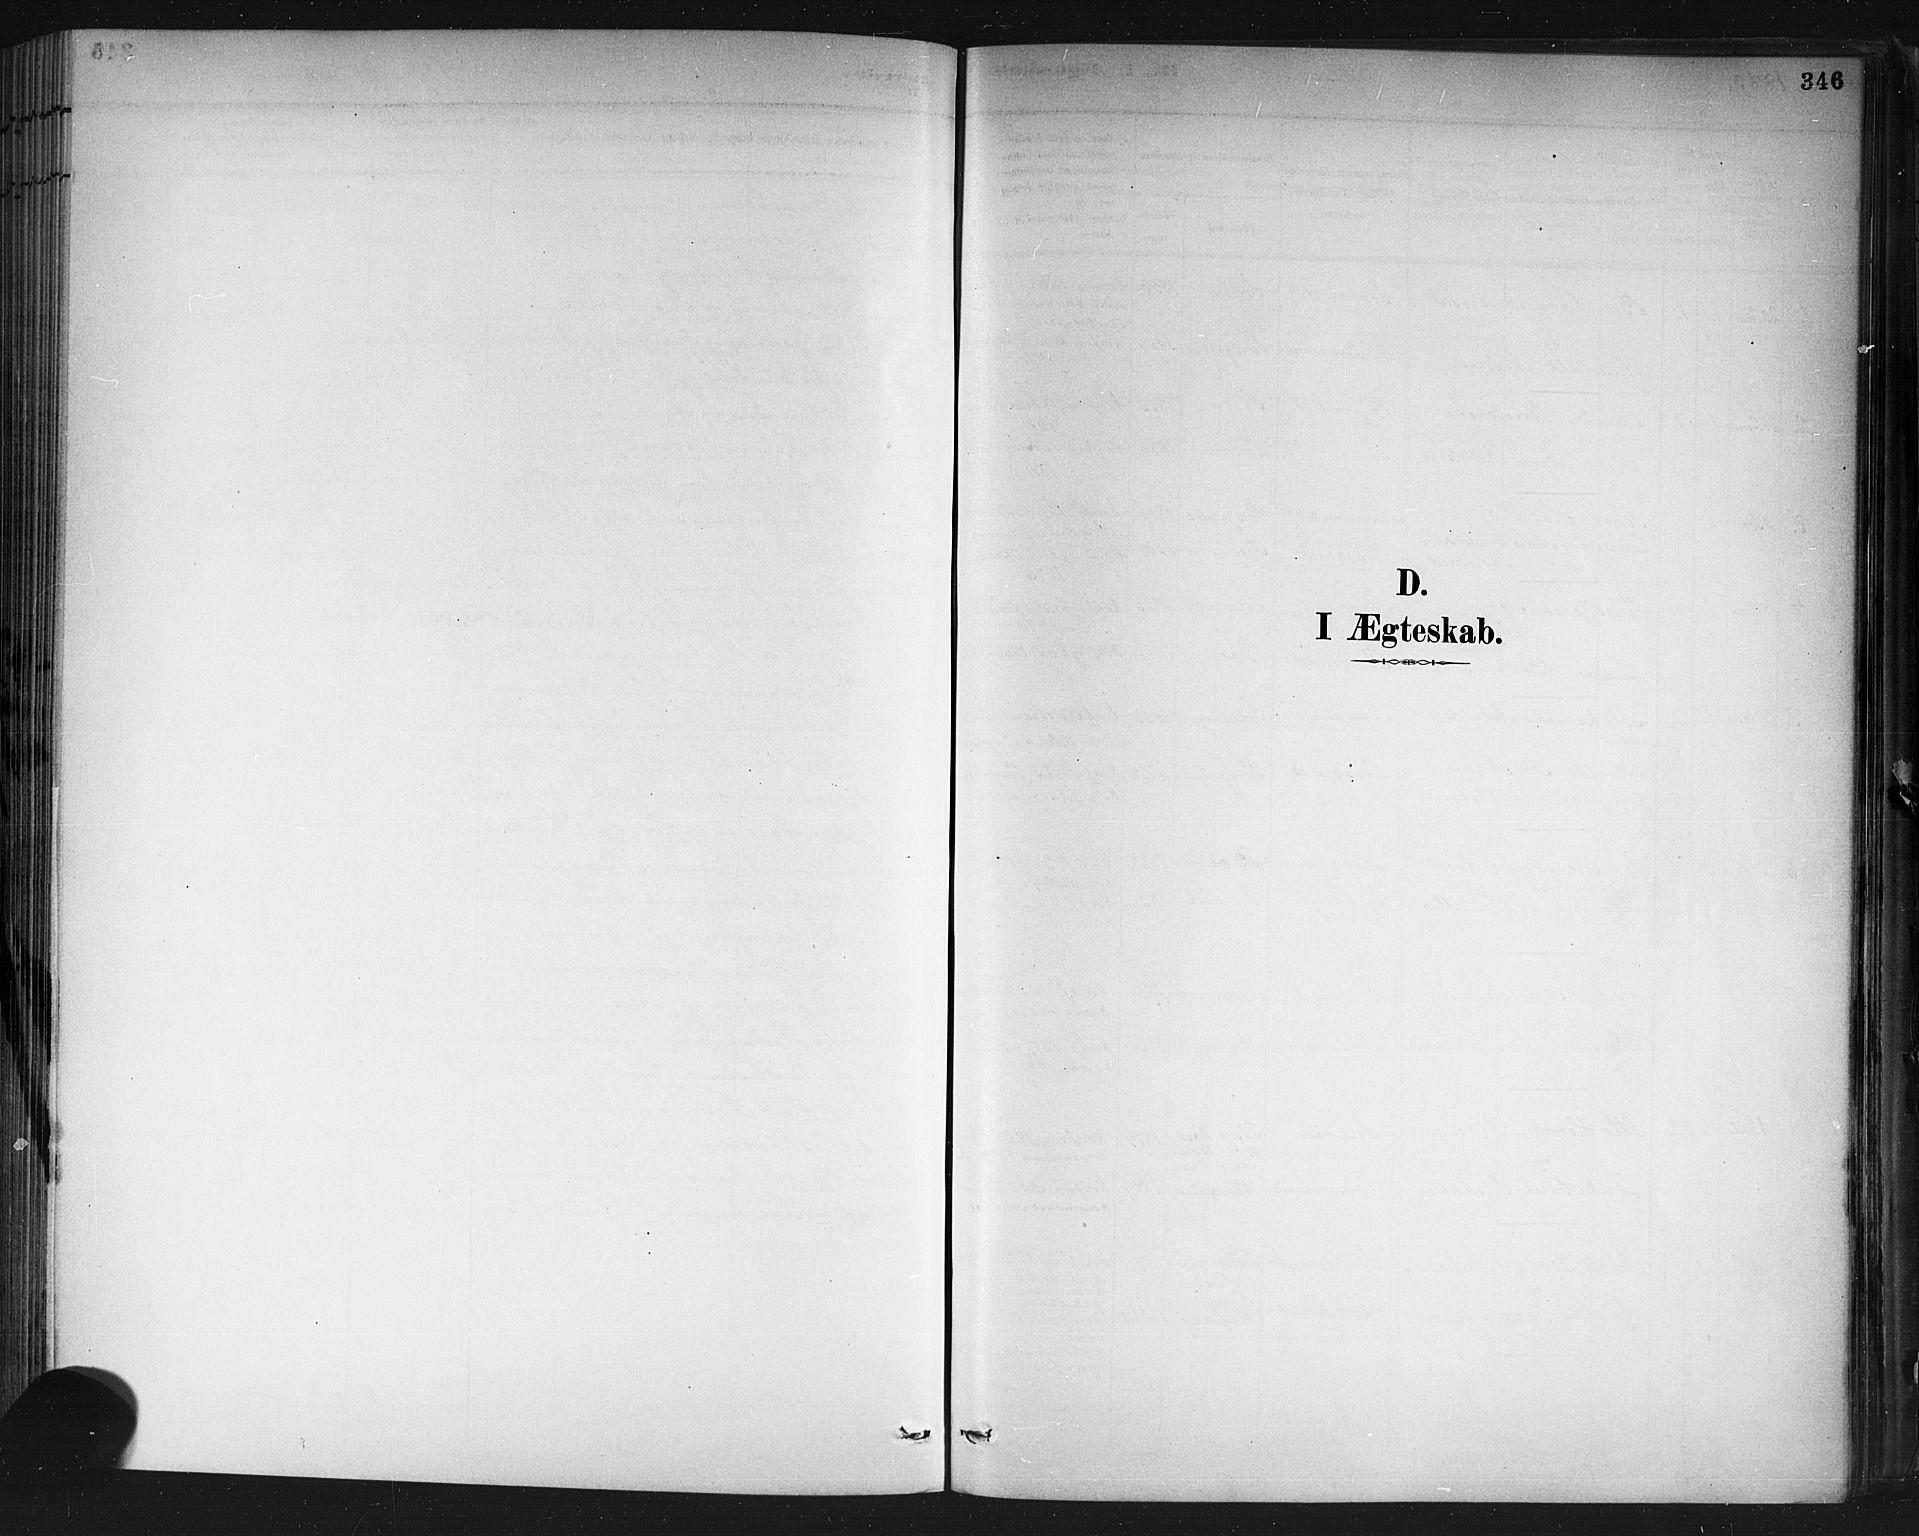 SAKO, Porsgrunn kirkebøker , G/Gb/L0005: Klokkerbok nr. II 5, 1883-1915, s. 346